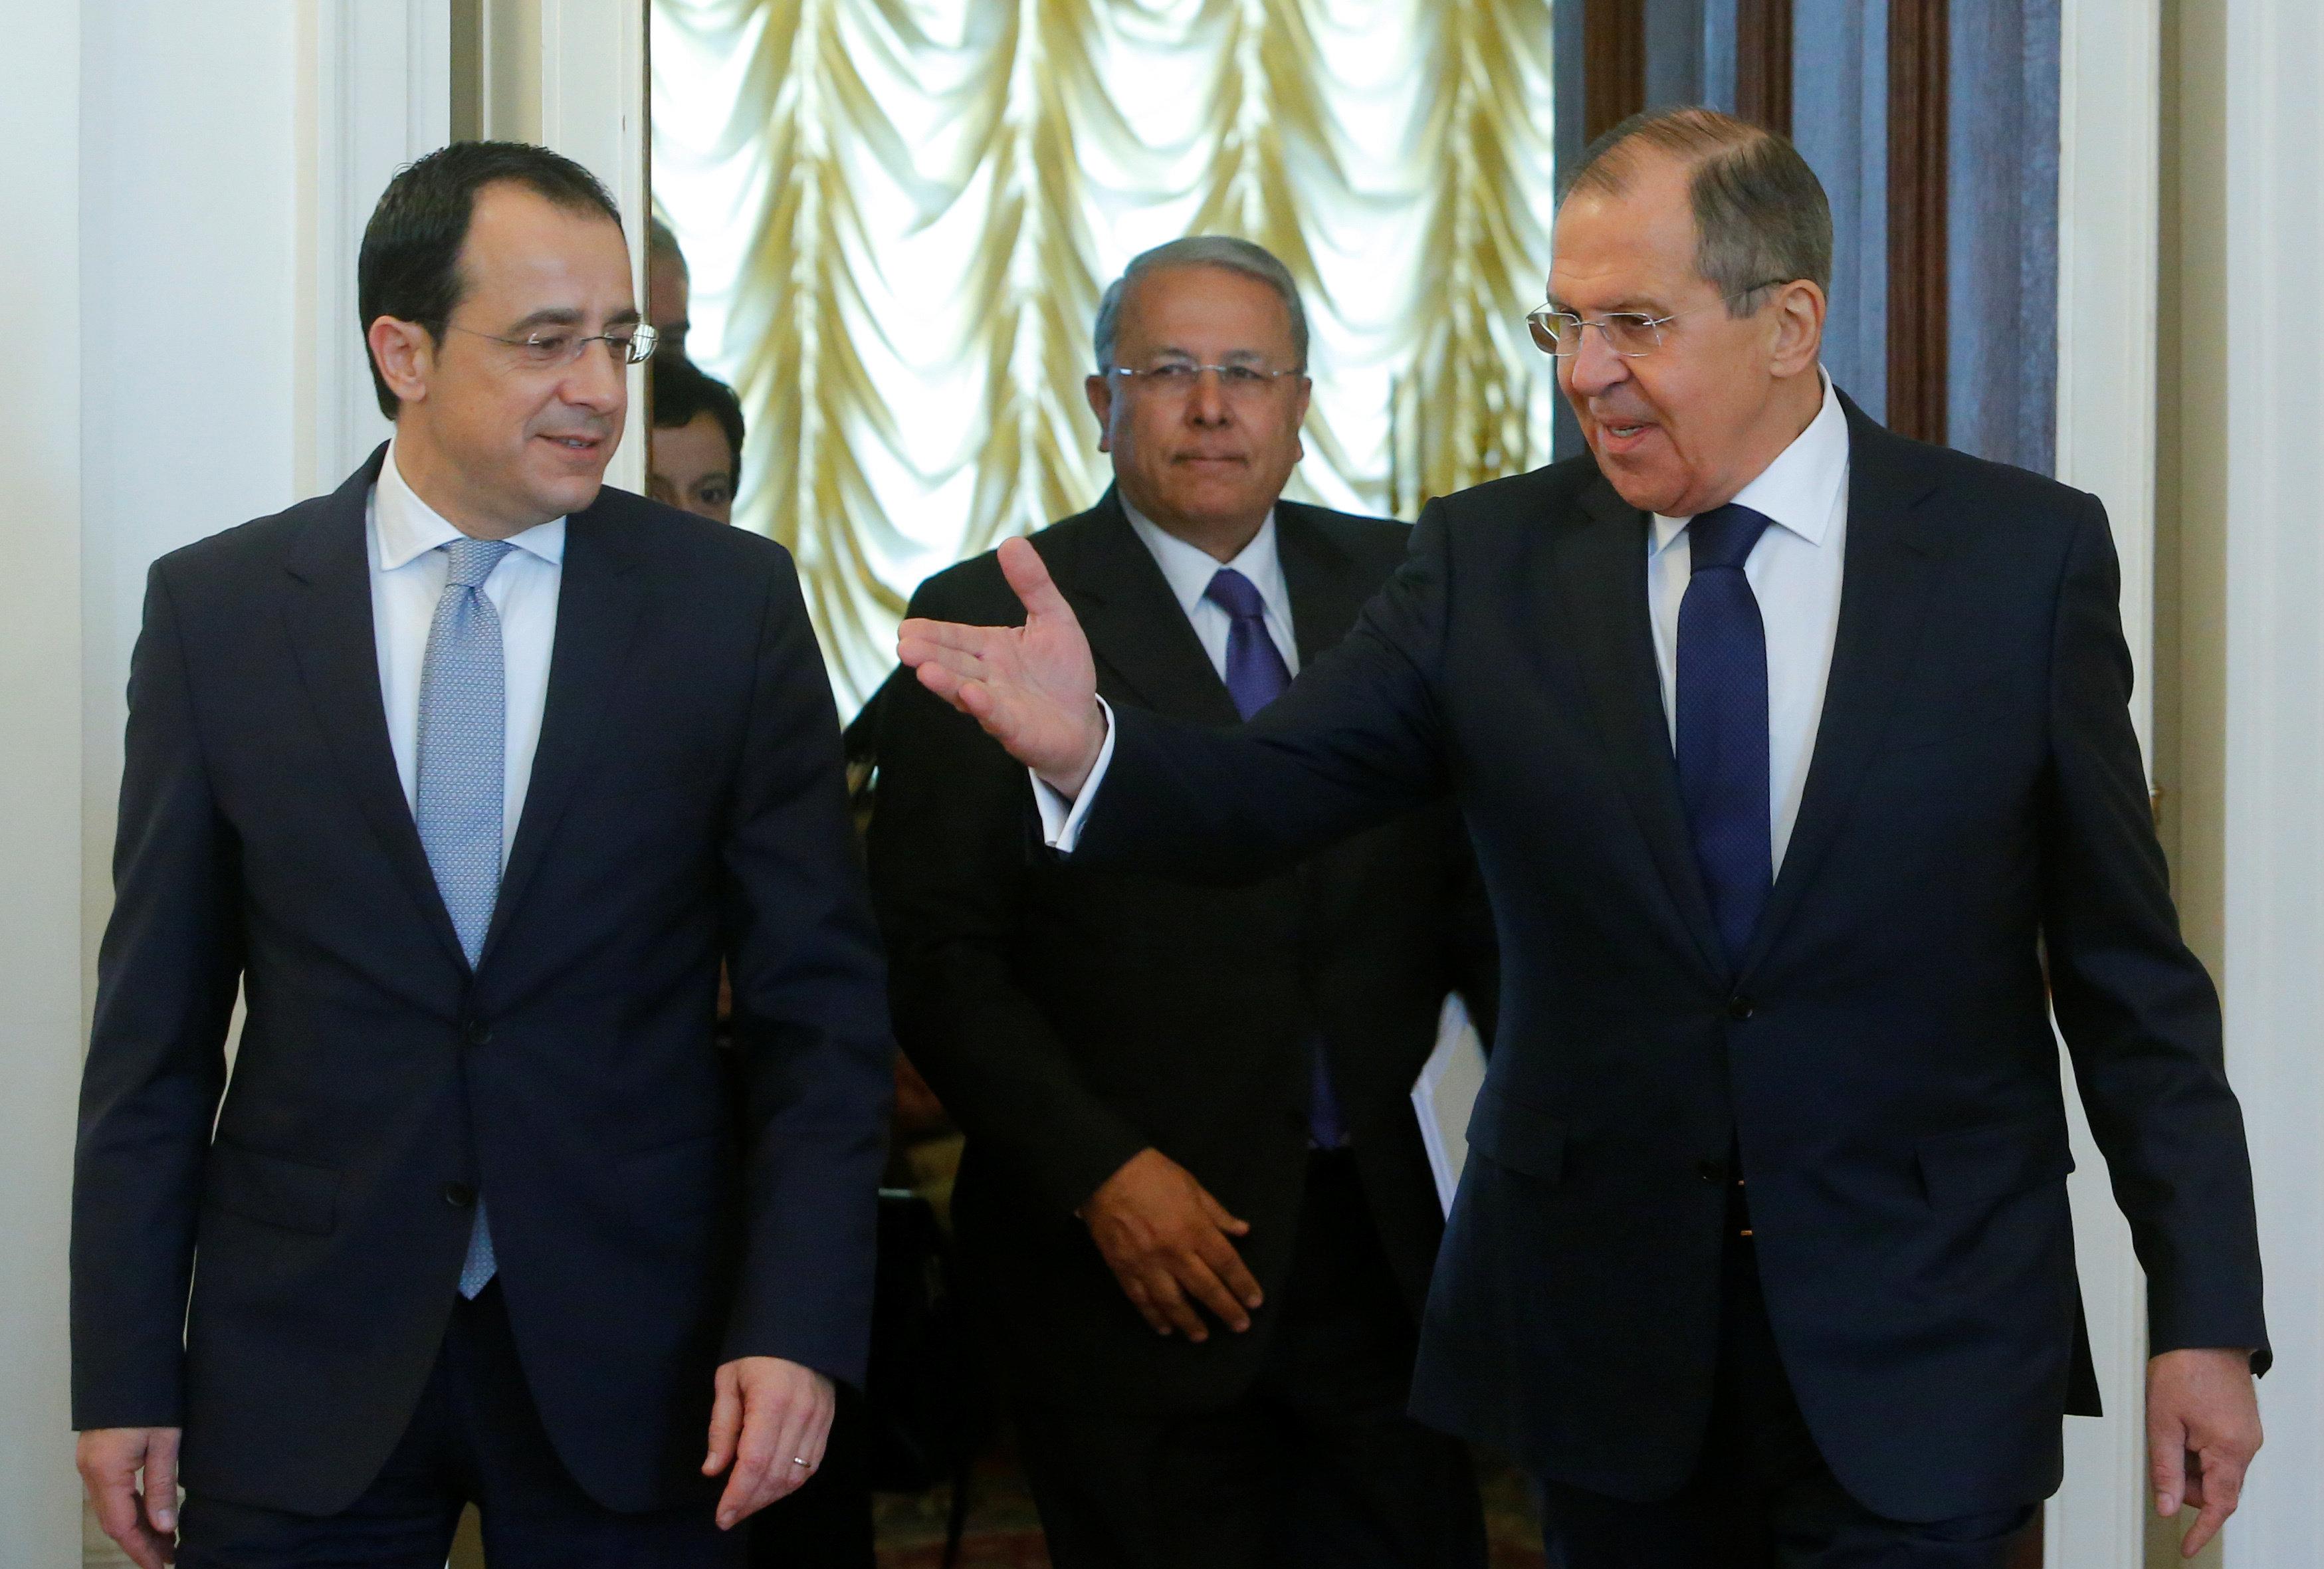 Ένταση μεταξύ Μόσχας-Λευκωσίας για τις δηλώσεις του ρωσικού ΥΠΕΞ περί ΝΑΤΟϊκών δυνάμεων στην